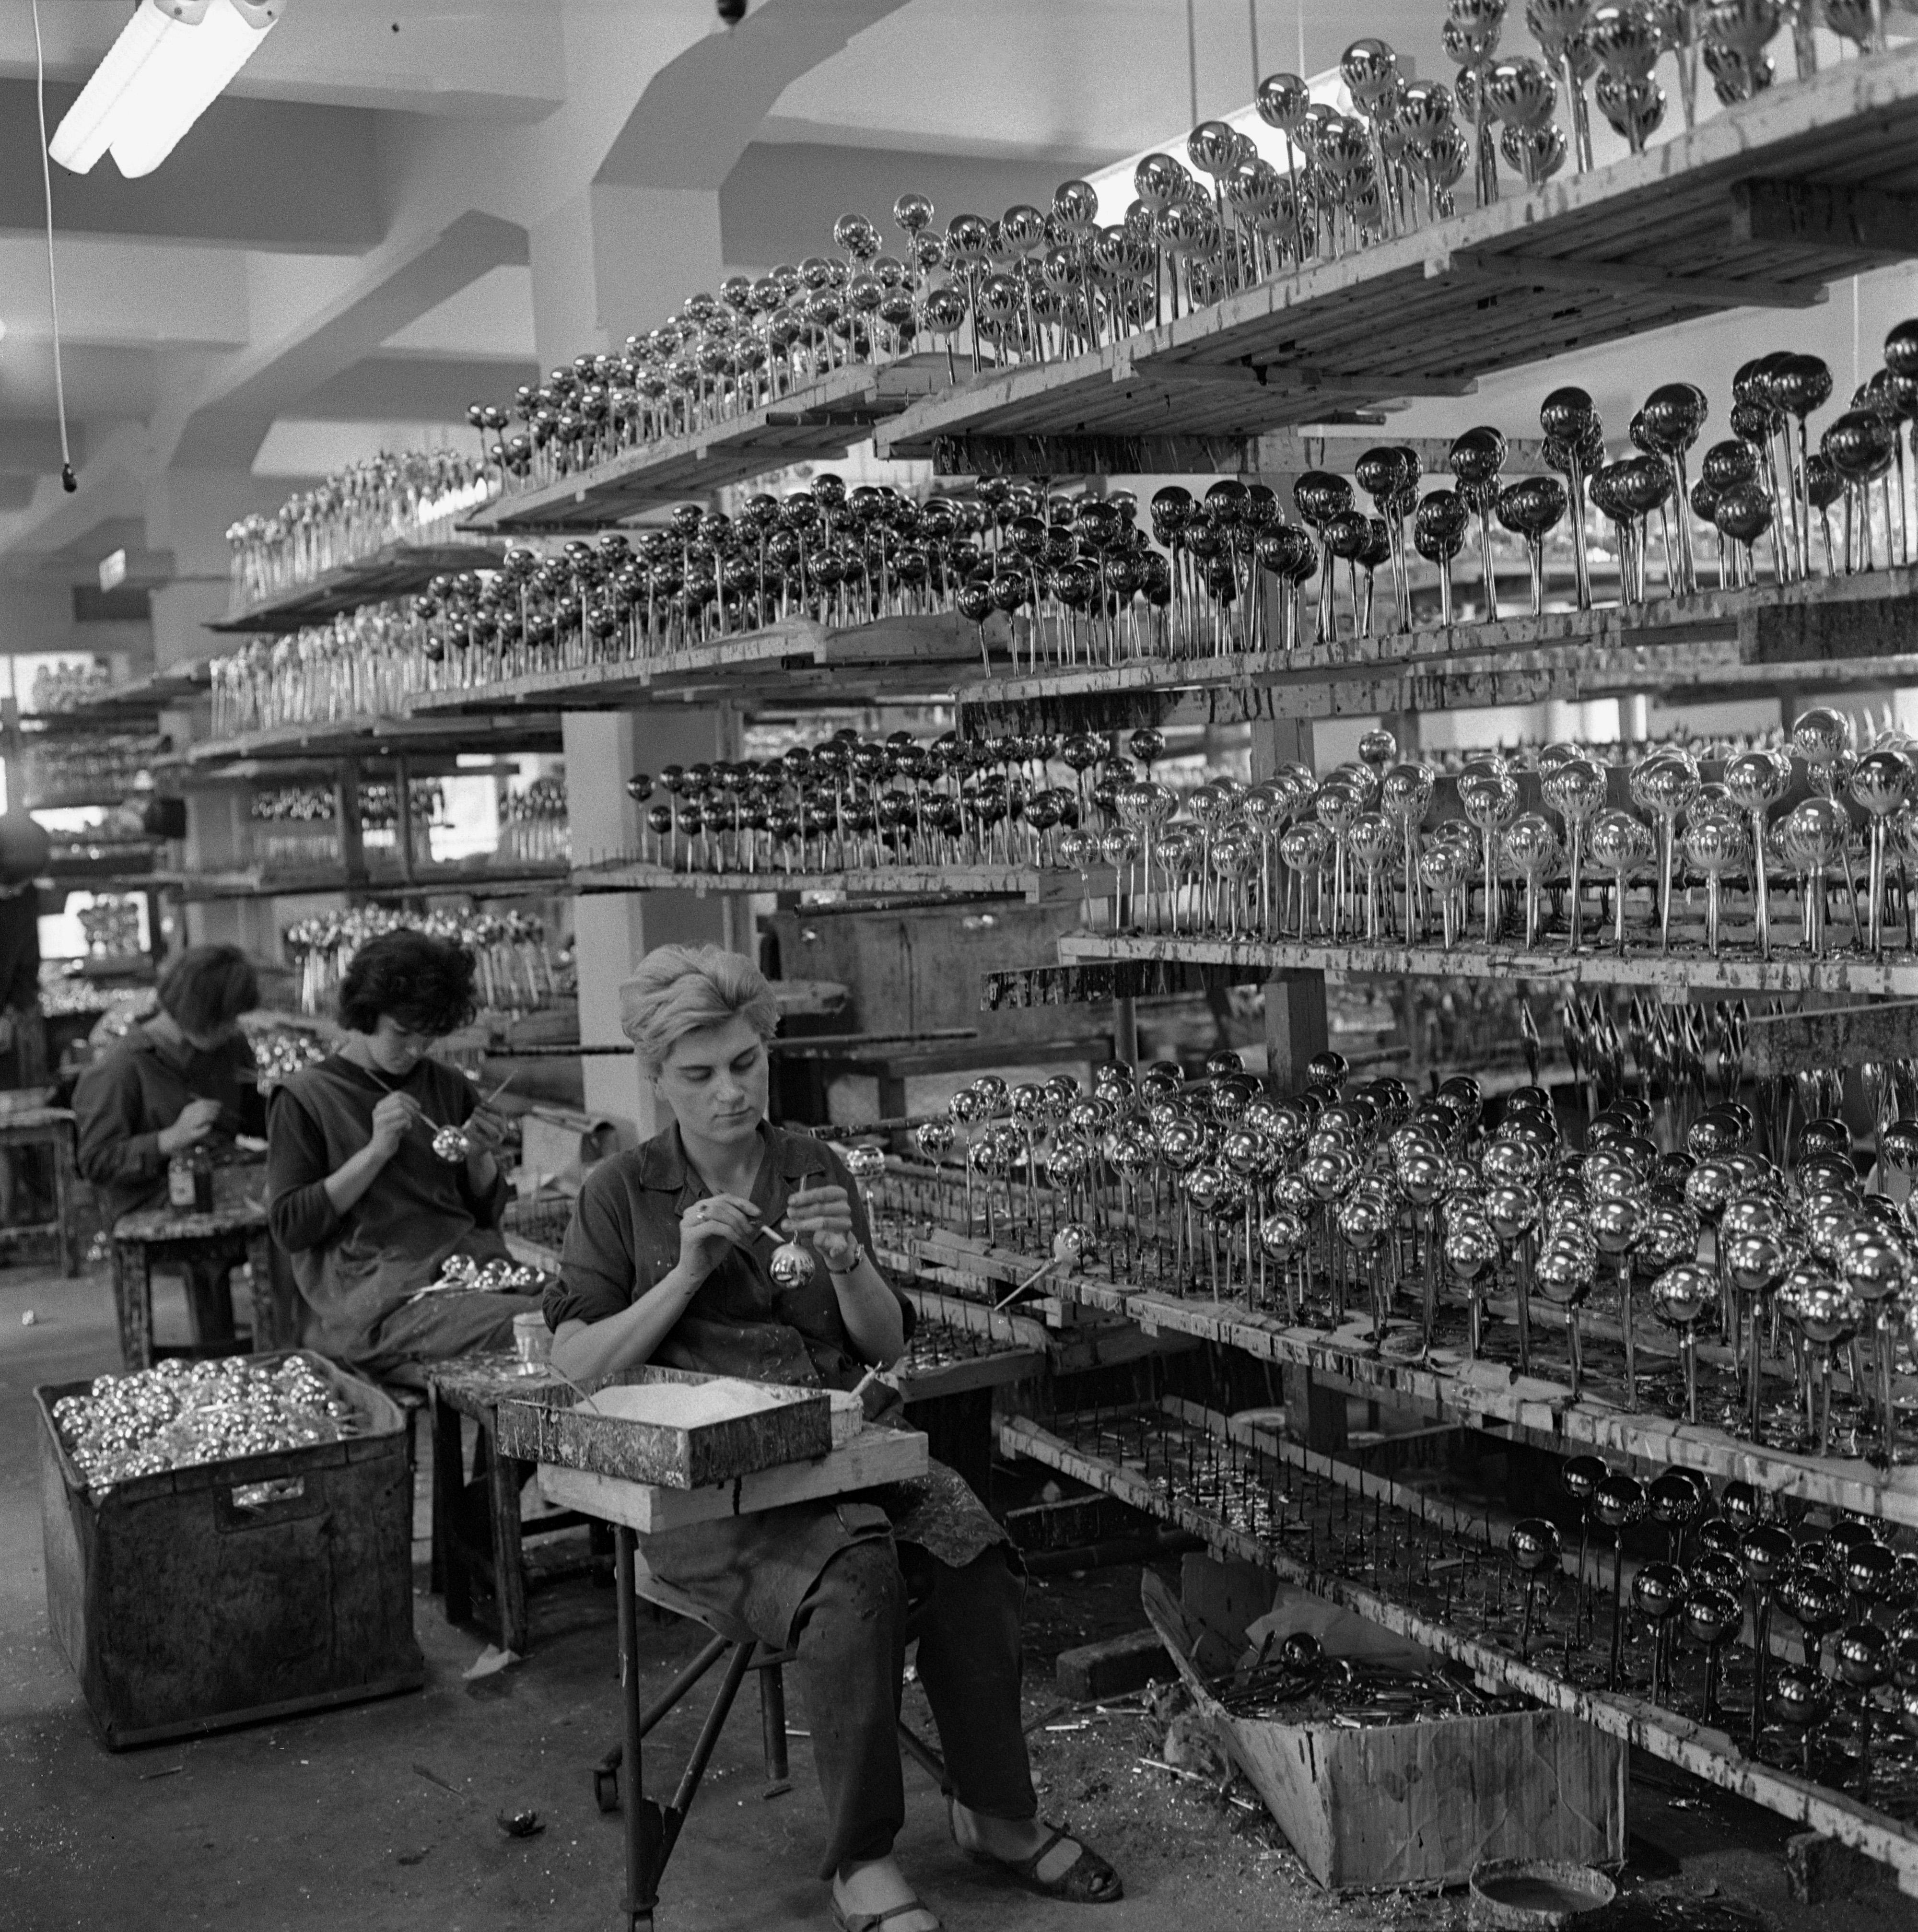 Na archívnej snímke zo 17. novembra 1966 pohľad do výrobne ozdôb v Bratislave, kde pracujú len ženy.